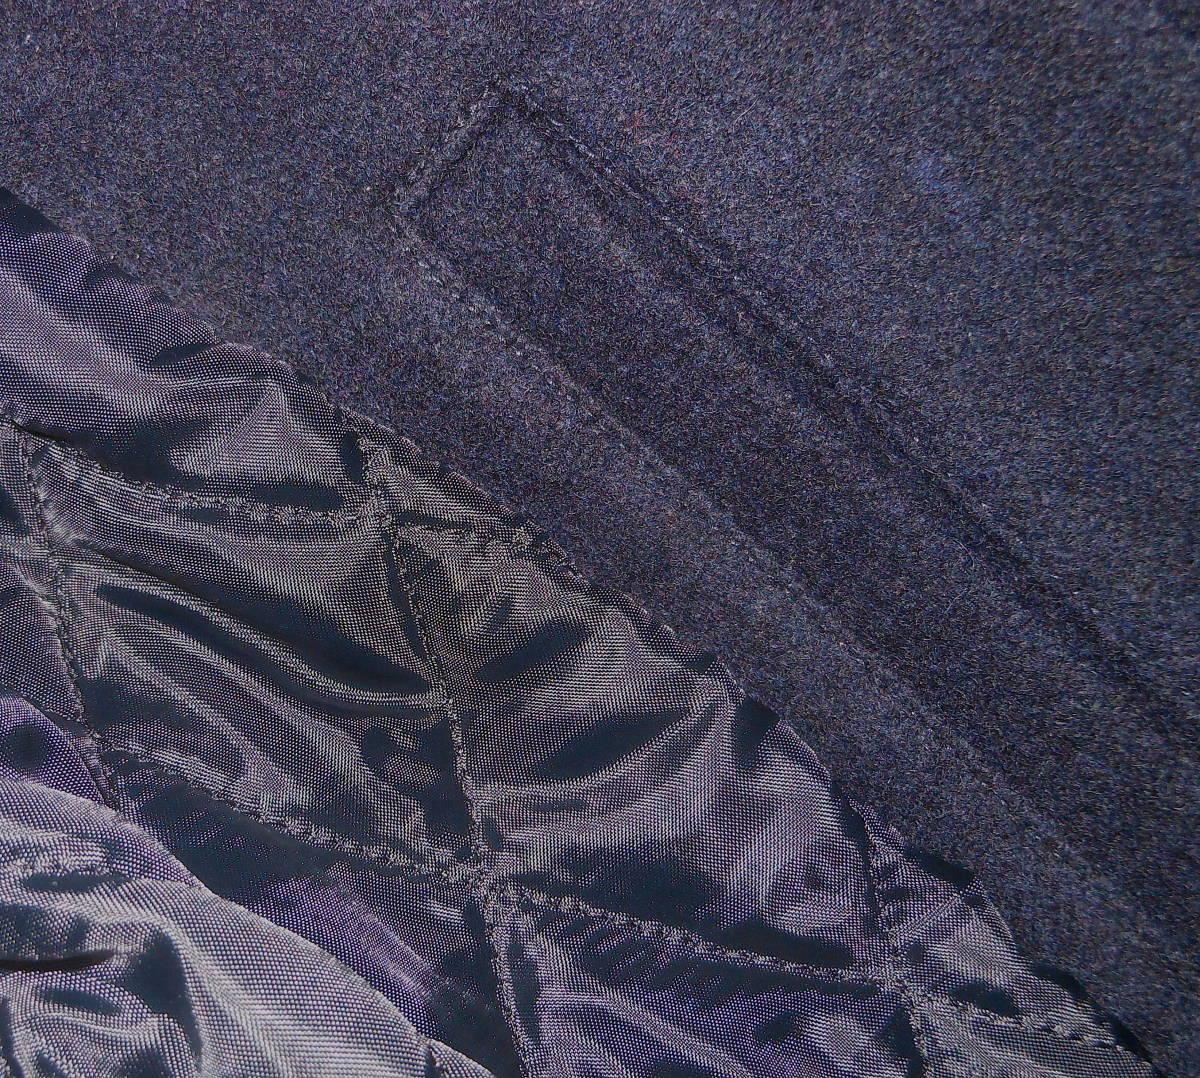 新品★フェローズ PHERROW'S 袖レザー スタジャン スタジアムジャンパー Navy 40サイズ 定価:¥51,700円_画像10